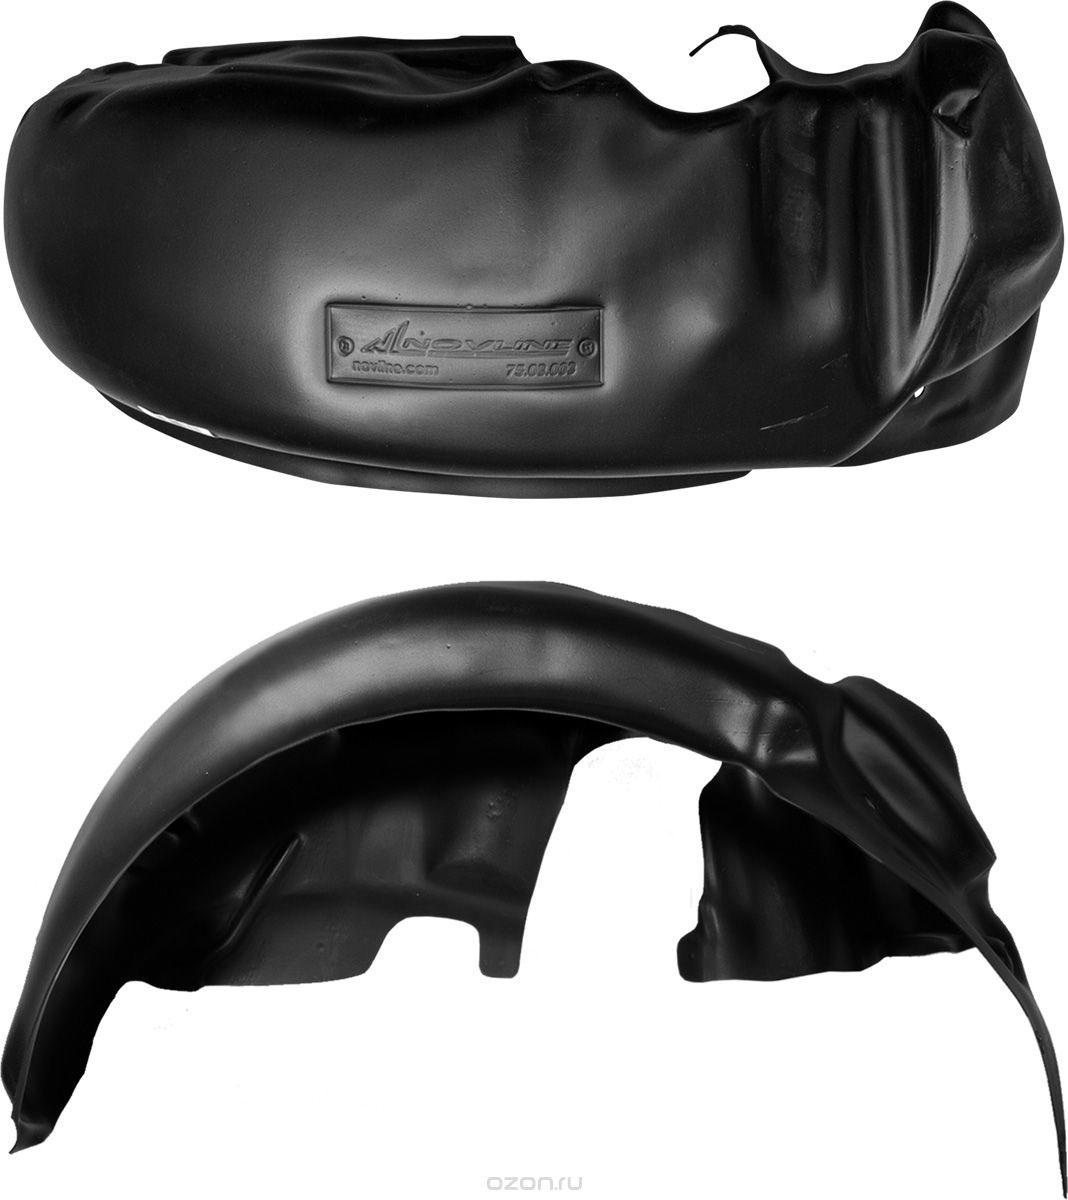 Подкрылок Novline-Autofamily, для LIFAN Smily, 2014->, передний правыйIRK-503Идеальная защита колесной ниши. Локеры разработаны с применением цифровых технологий, гарантируют максимальную повторяемость поверхности арки. Изделия устанавливаются без нарушения лакокрасочного покрытия автомобиля, каждый подкрылок комплектуется крепежом. Уважаемые клиенты, обращаем ваше внимание, что фотографии на подкрылки универсальные и не отражают реальную форму изделия. При этом само изделие идет точно под размер указанного автомобиля.